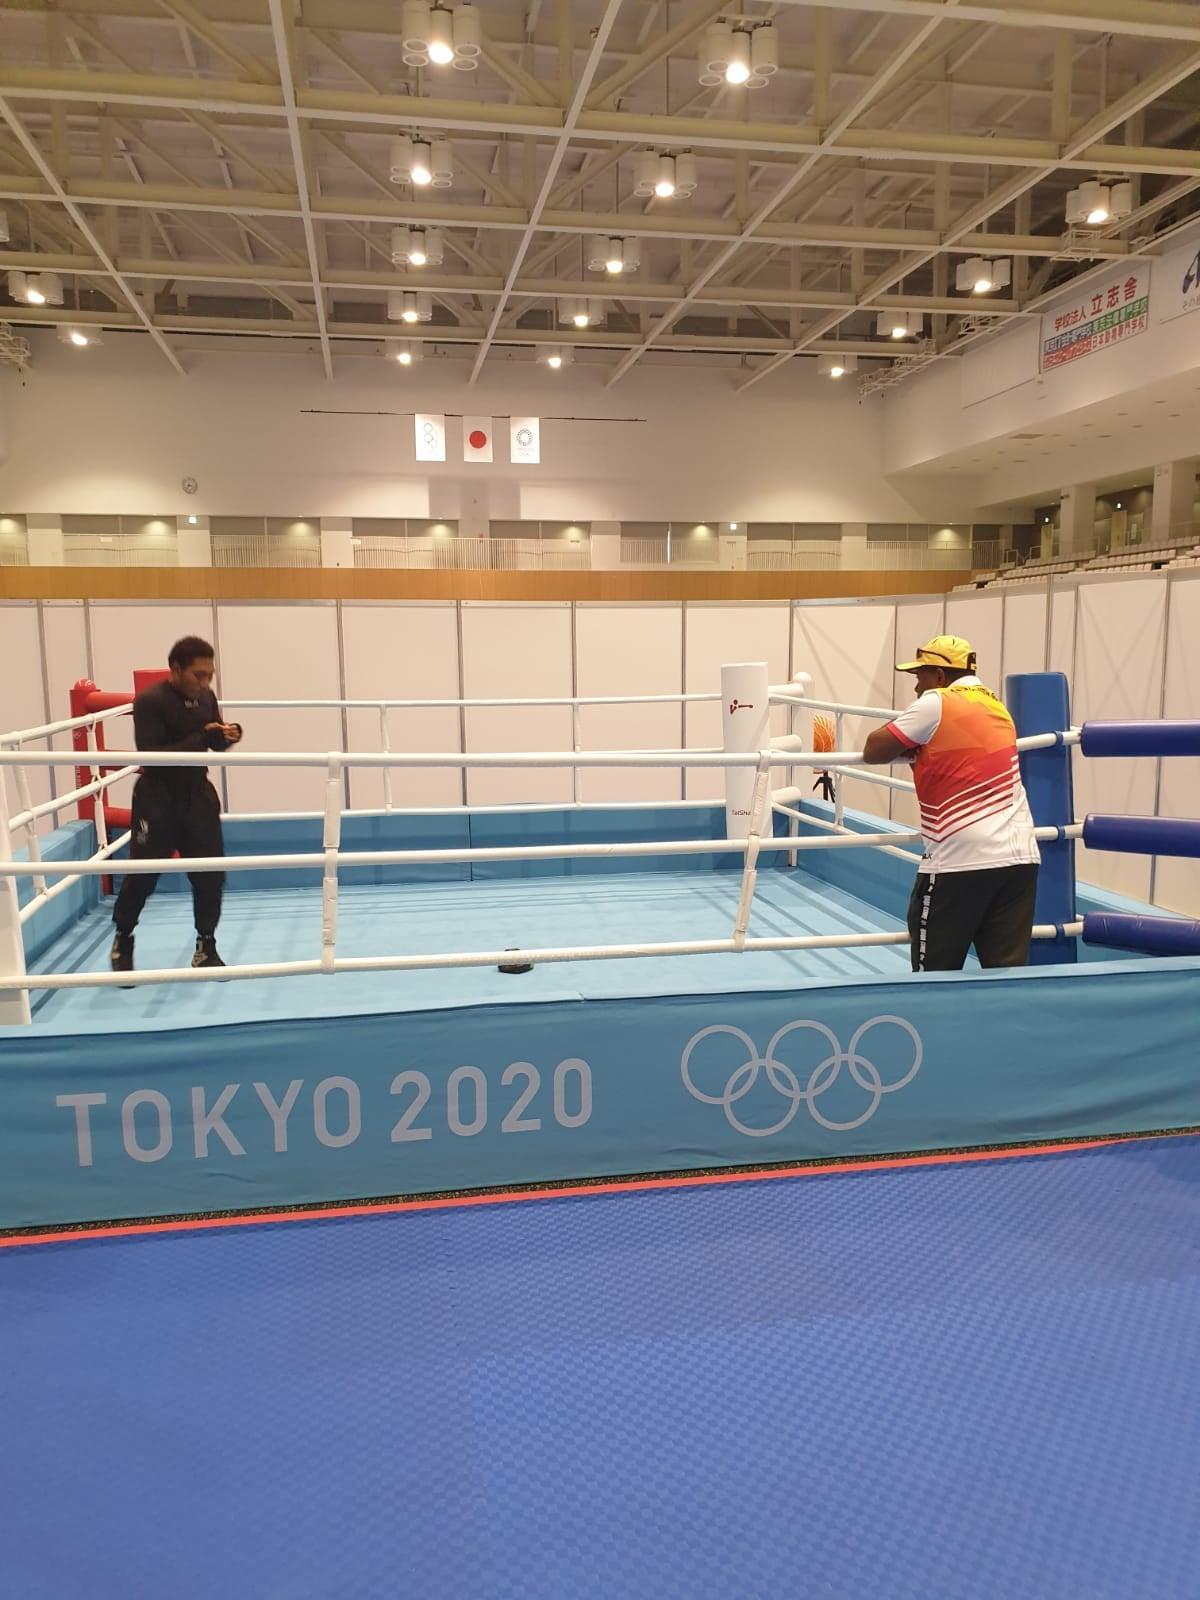 PNG's 14th Bpxer John Ume at Tokyo Olympics